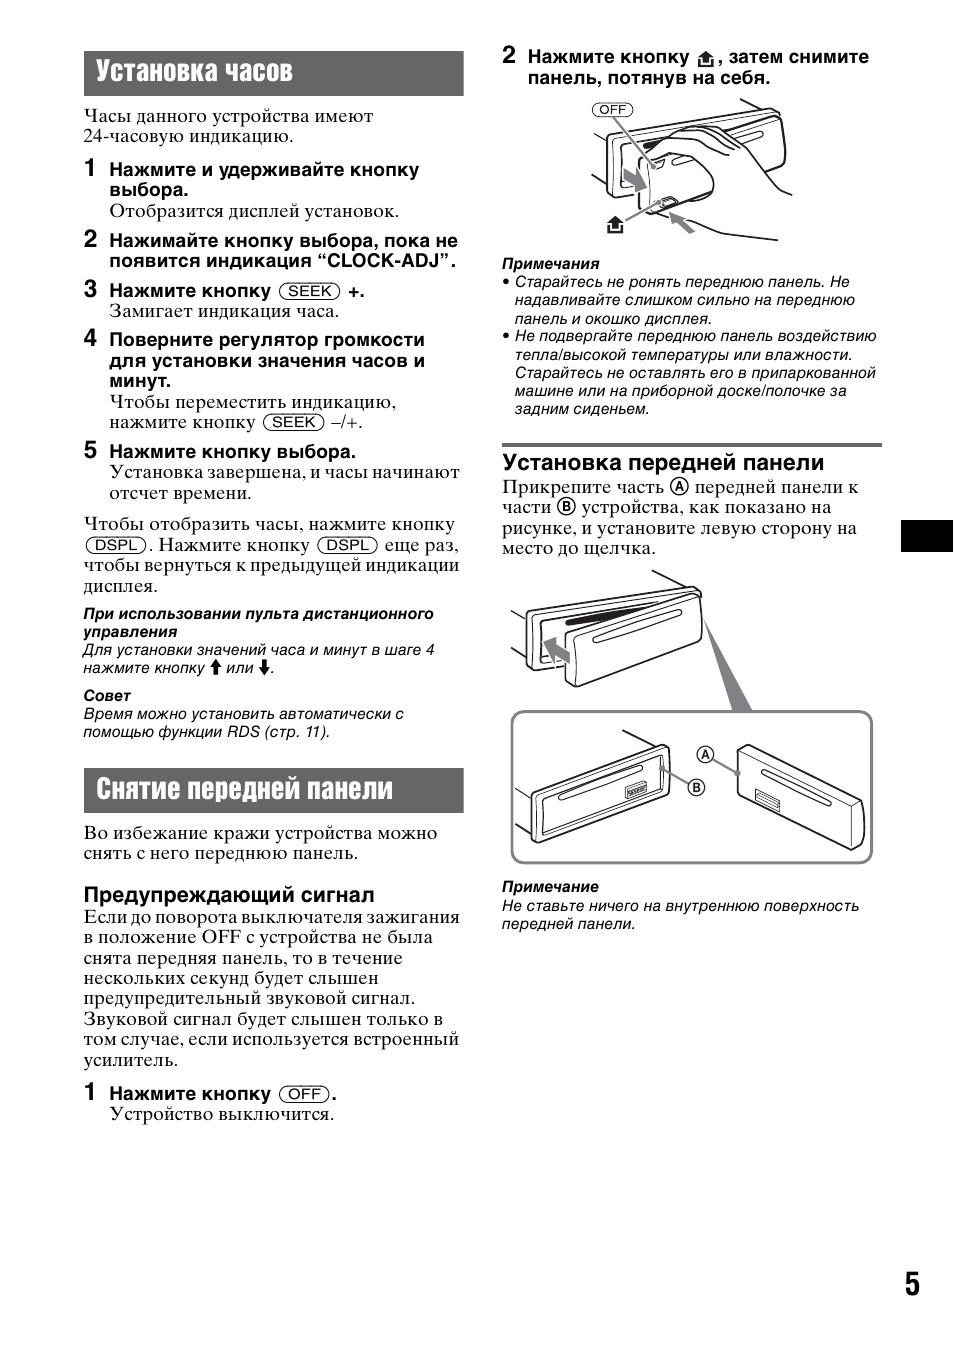 ИНСТРУКЦИЯ К МАГНИТОЛЕ SONY CDX GT317EE СКАЧАТЬ БЕСПЛАТНО